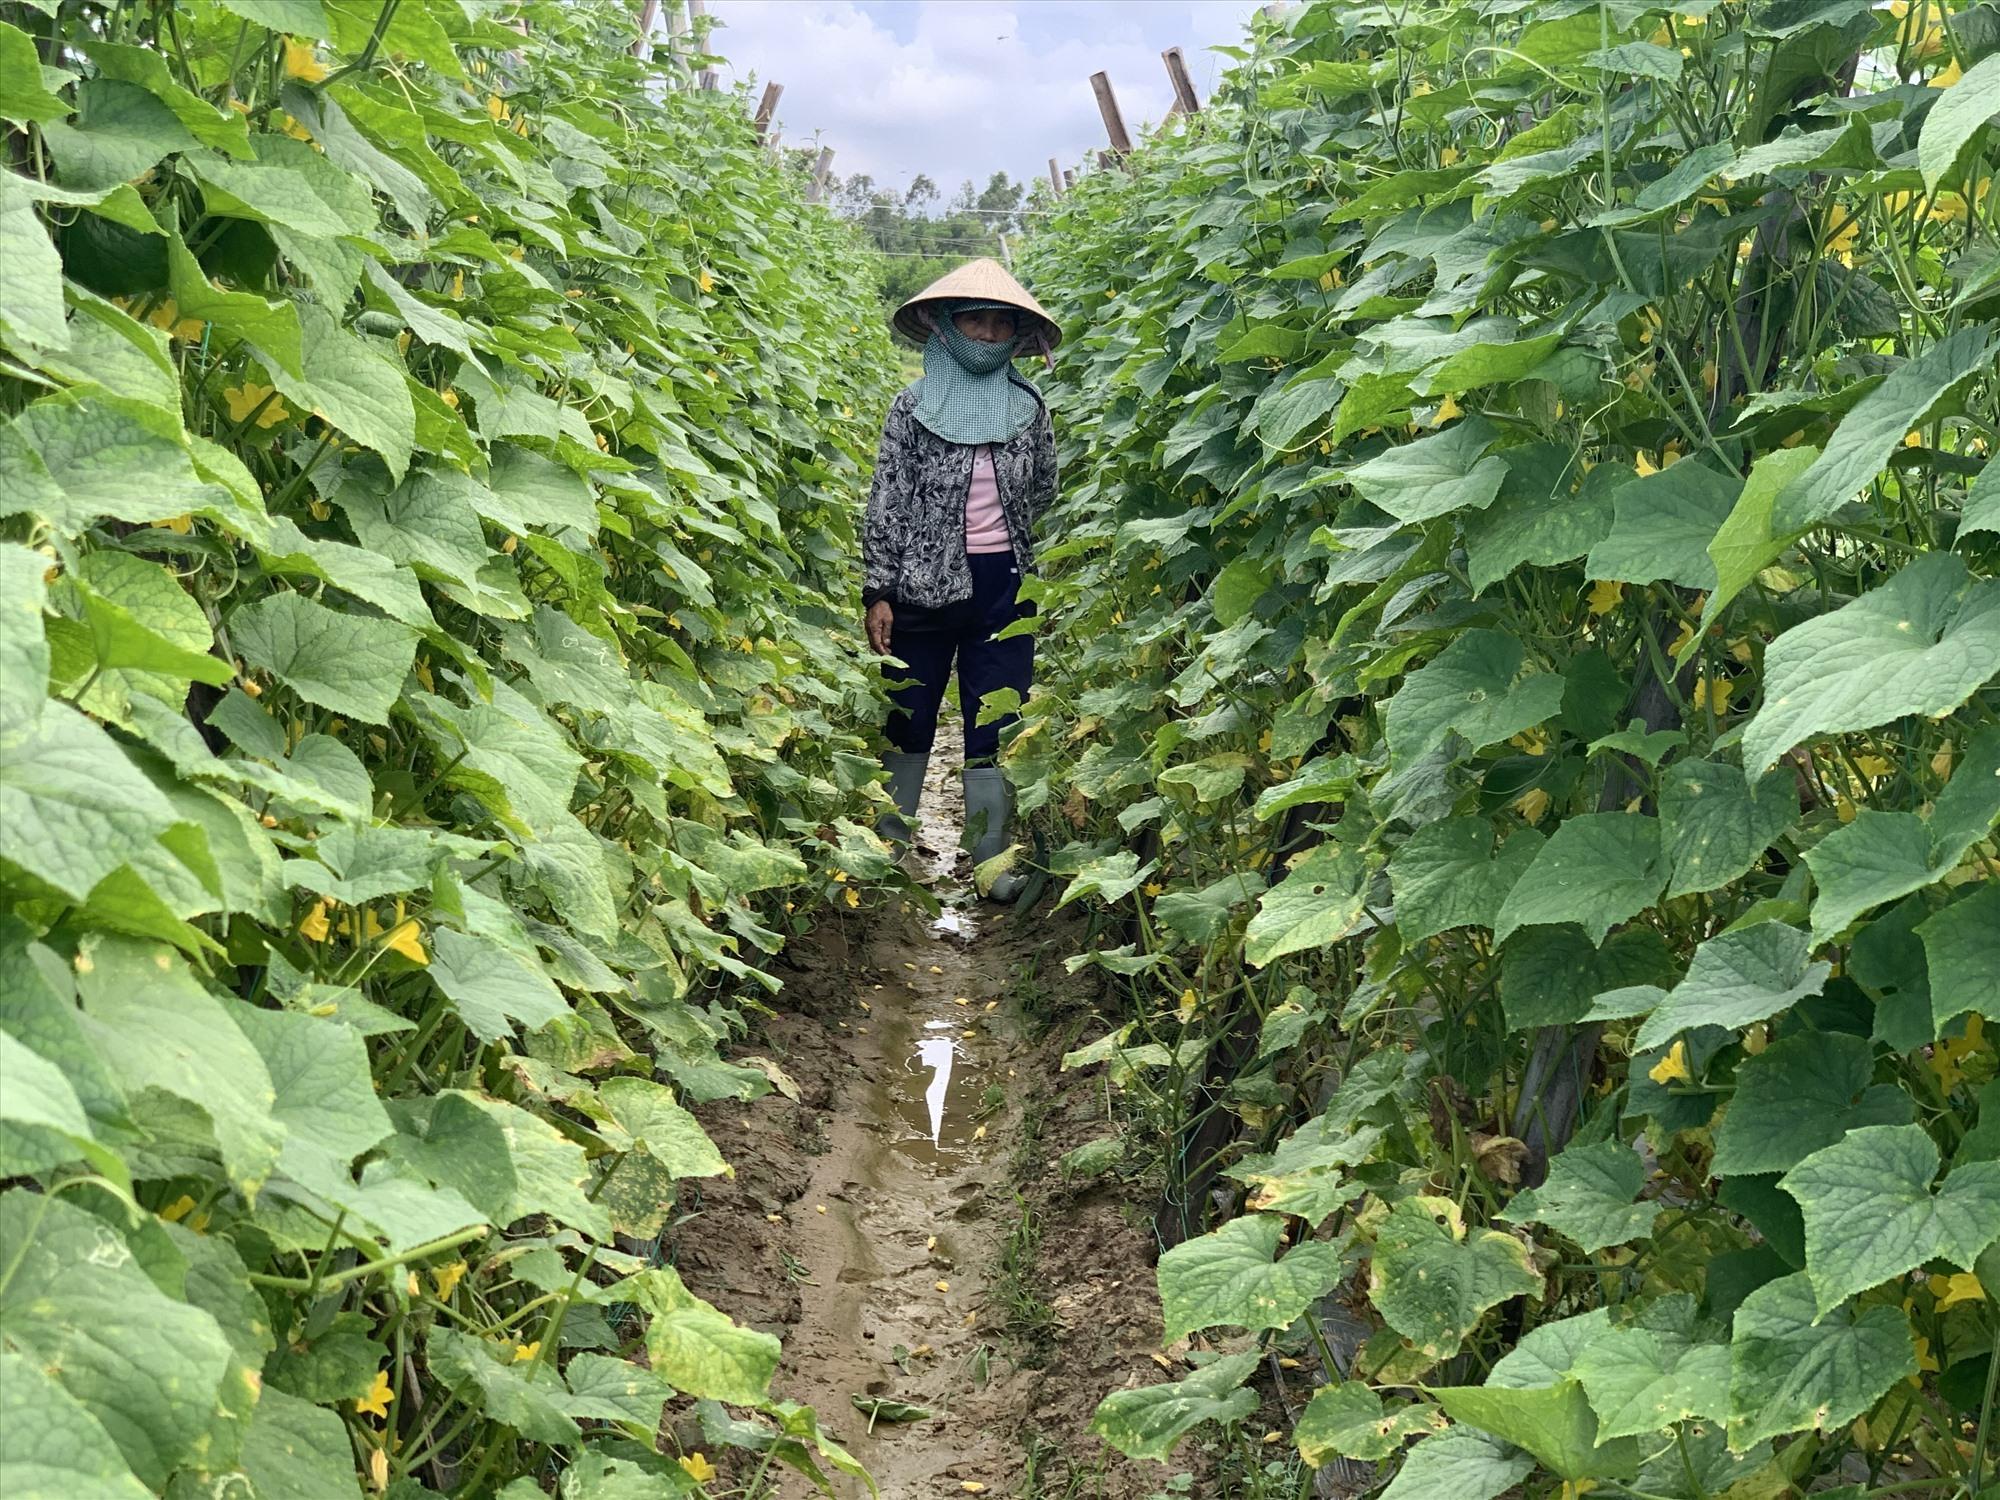 Mô hình trồng rau củ quả trên đất lúa giúp nhà nông tăng nguồn thu nhập. Ảnh: T.P